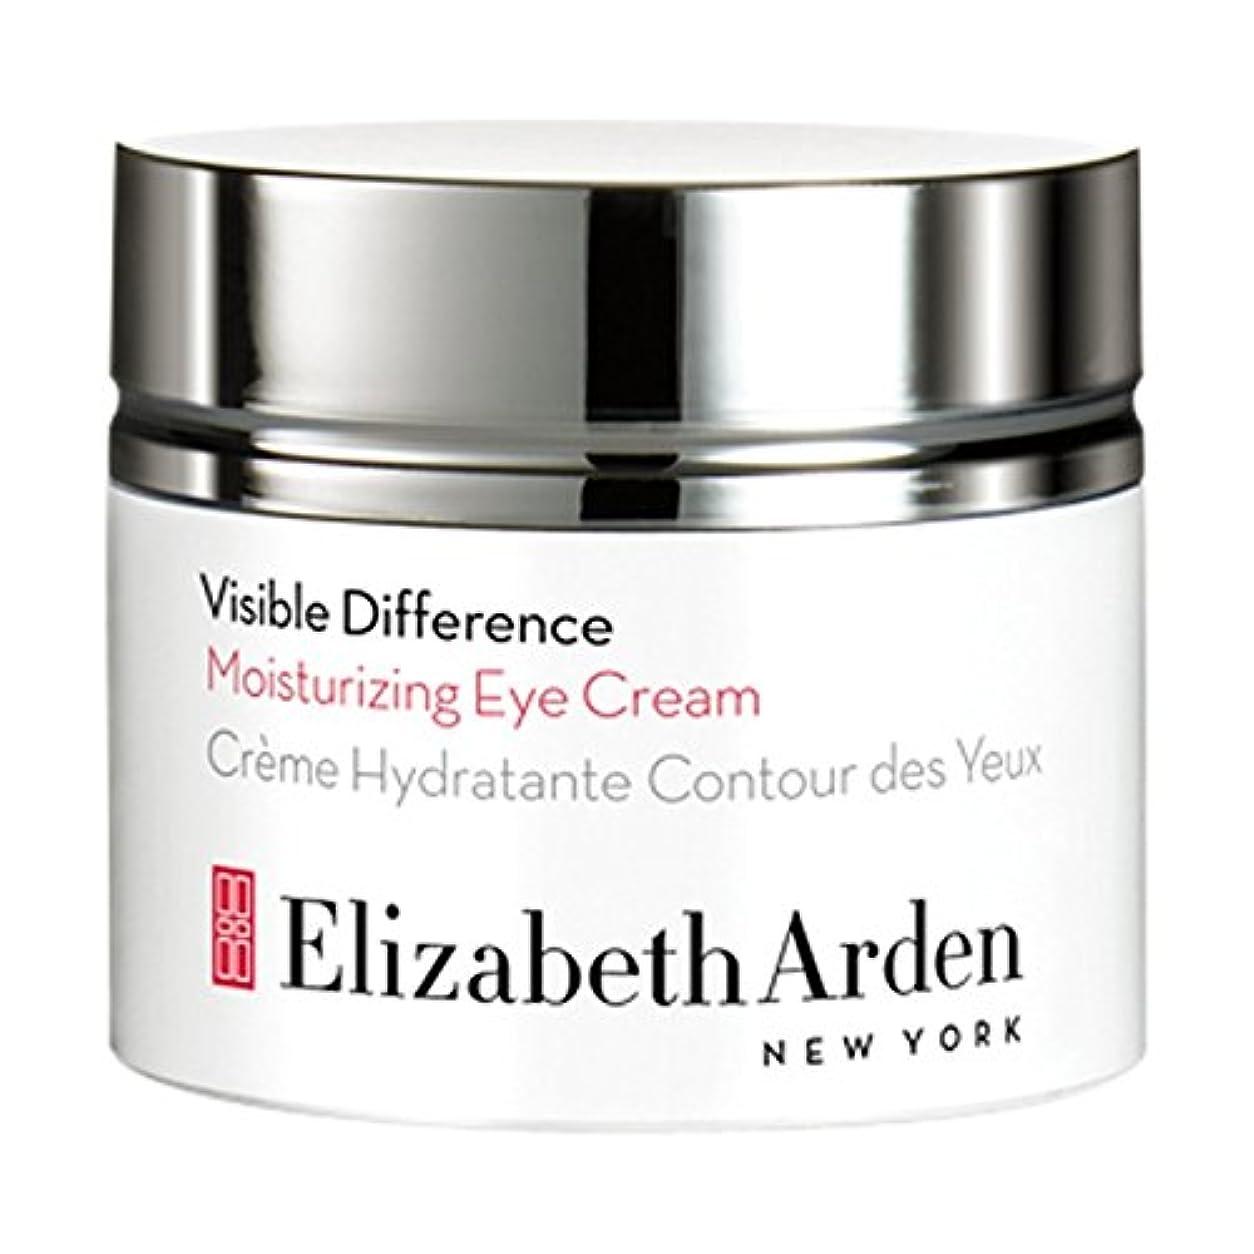 ピジン共和国しょっぱいElizabeth Arden Visible Difference Moisturizing Eye Cream 15ml (Pack of 6) - エリザベスは、目に見える差保湿アイクリーム15ミリリットルをアーデン x6 [並行輸入品]